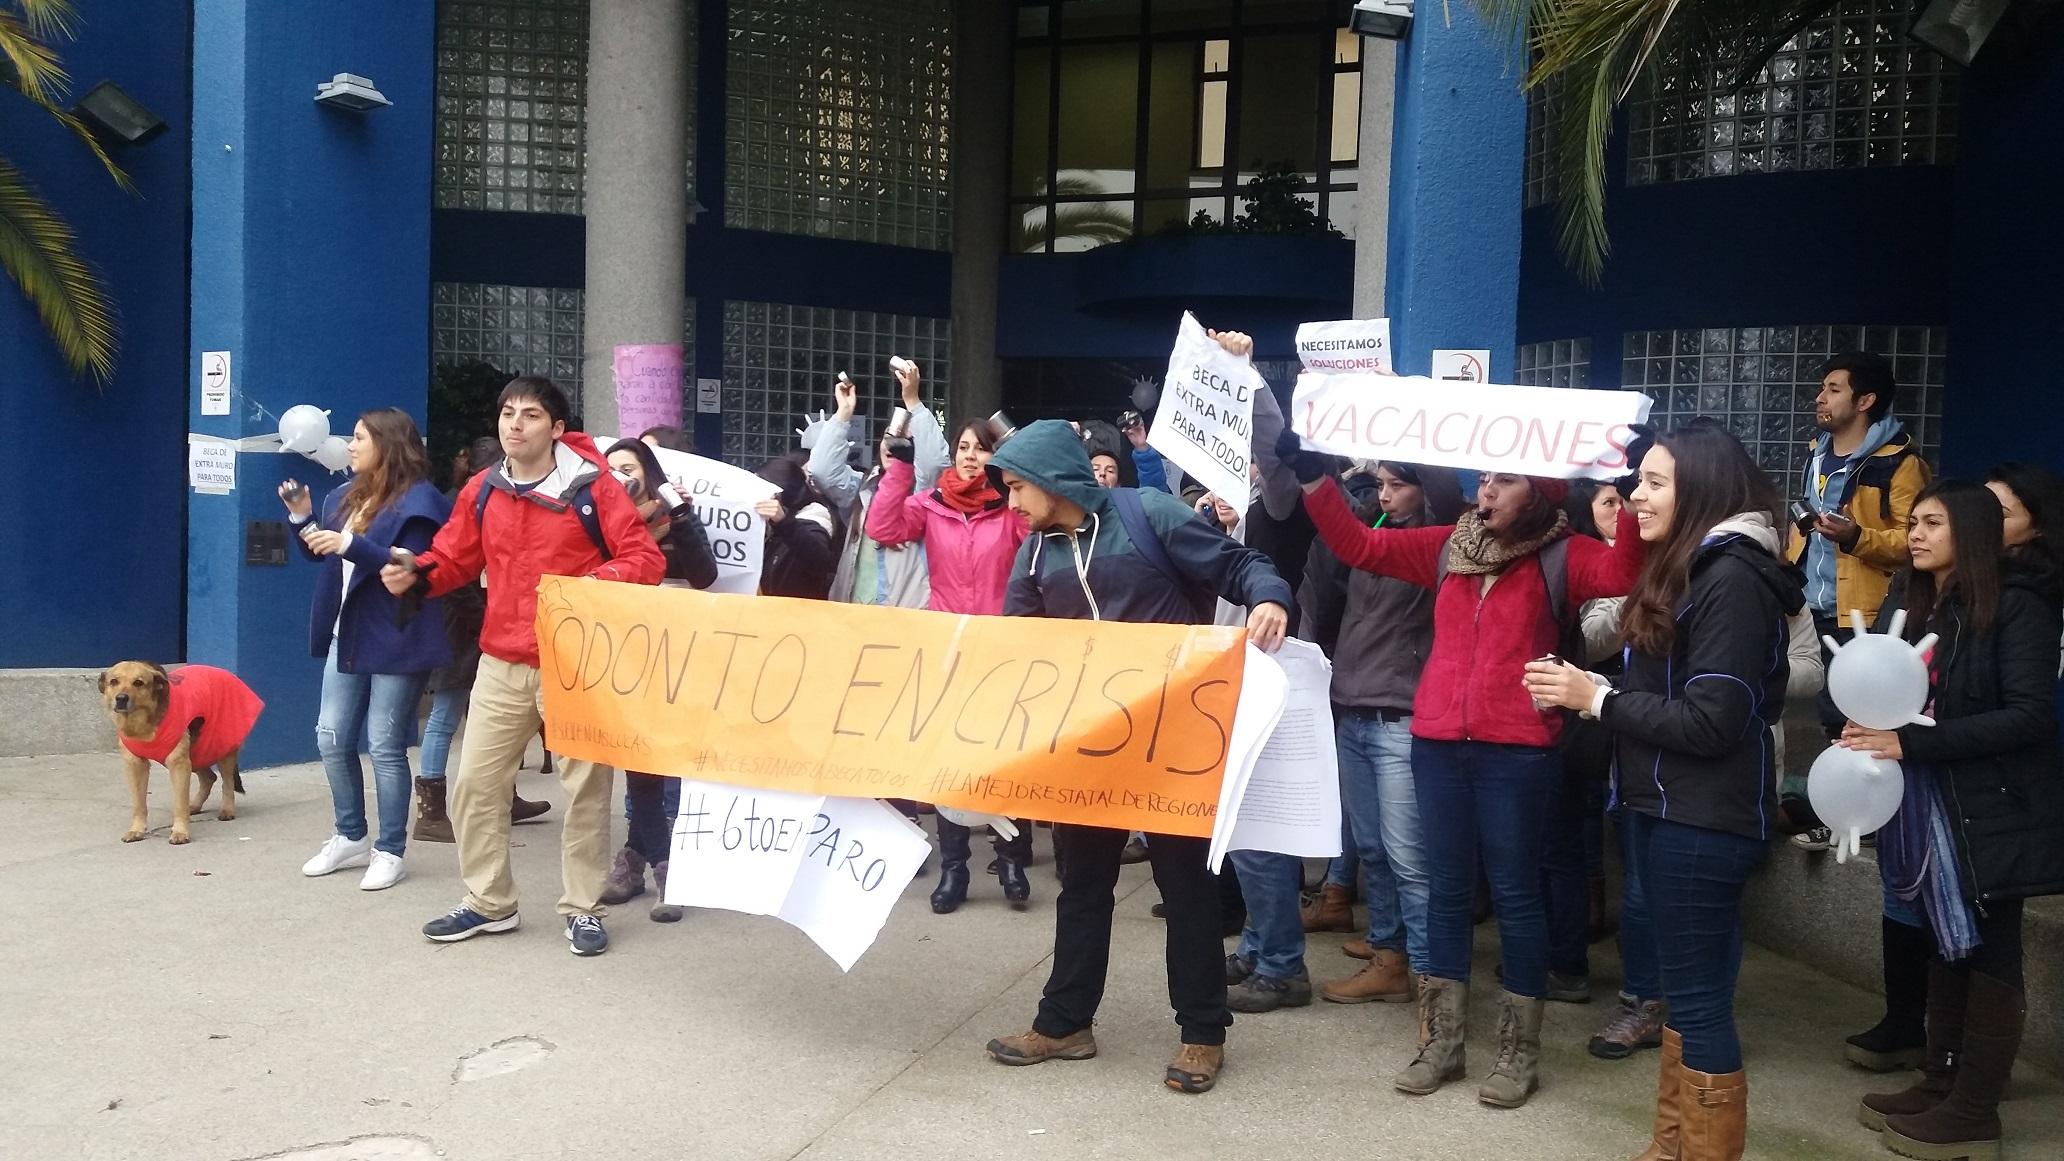 Movilizados se encuentran estudiantes de Odontología de la U. de Talca